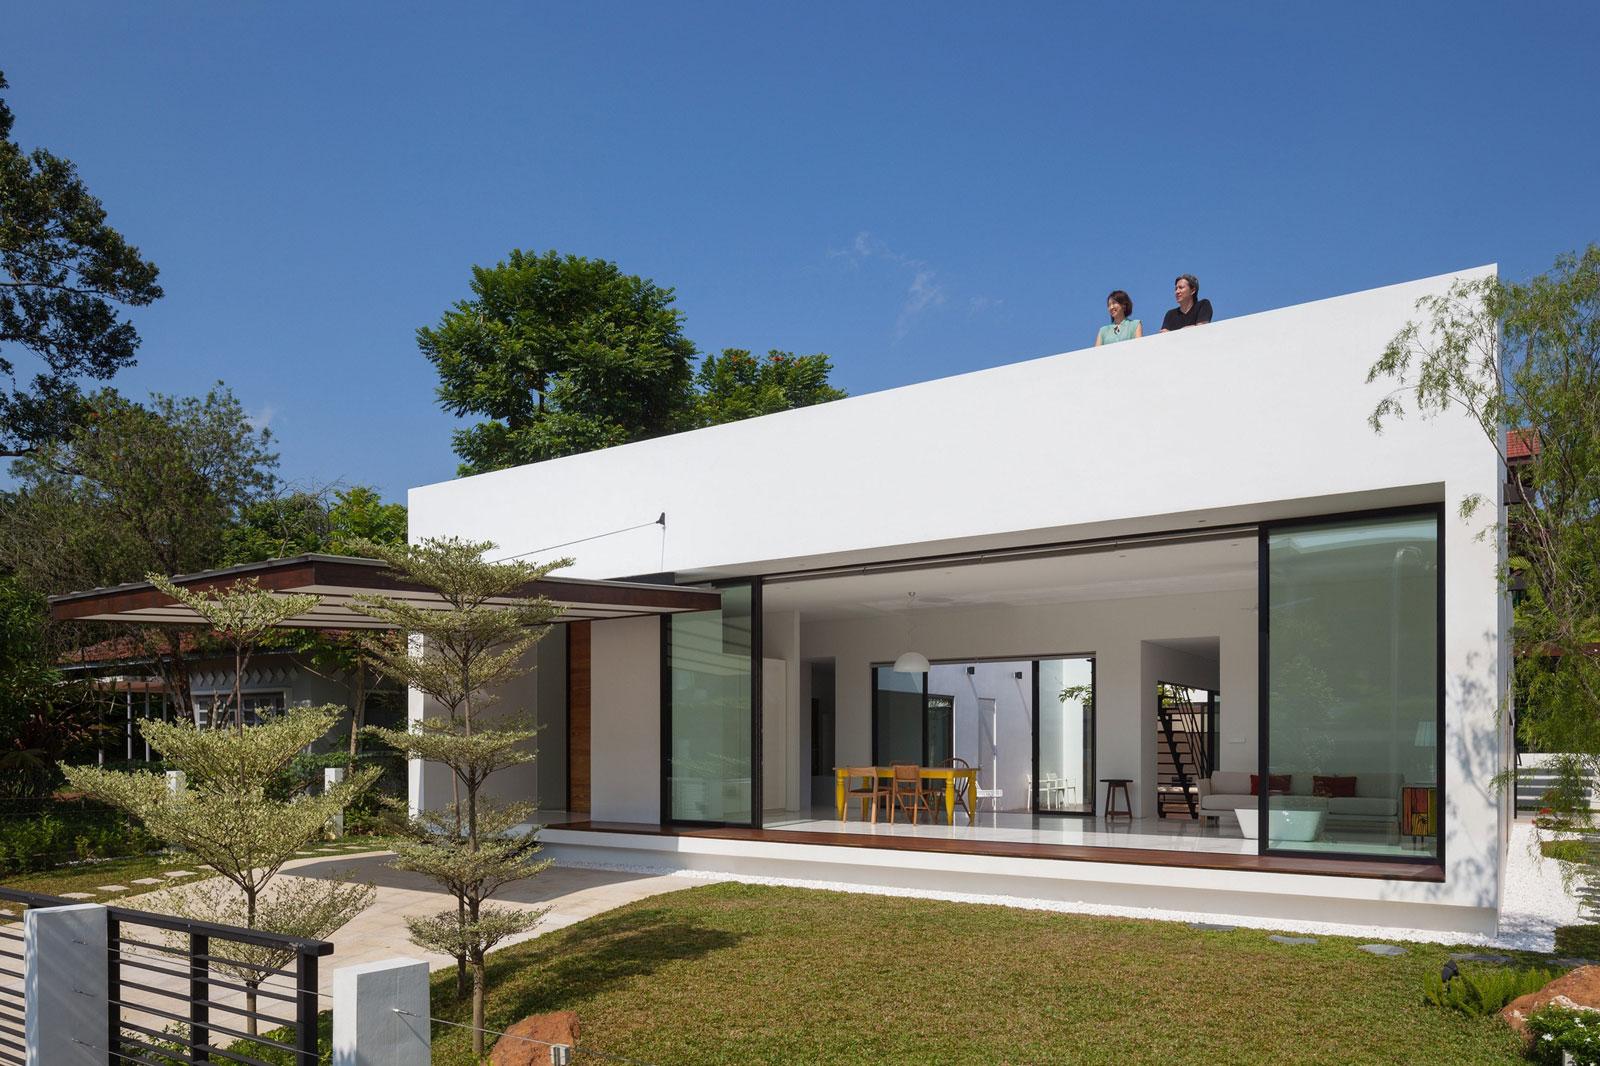 Modelos de casas dise os de casas y fachadas fotos for Cama lujosa